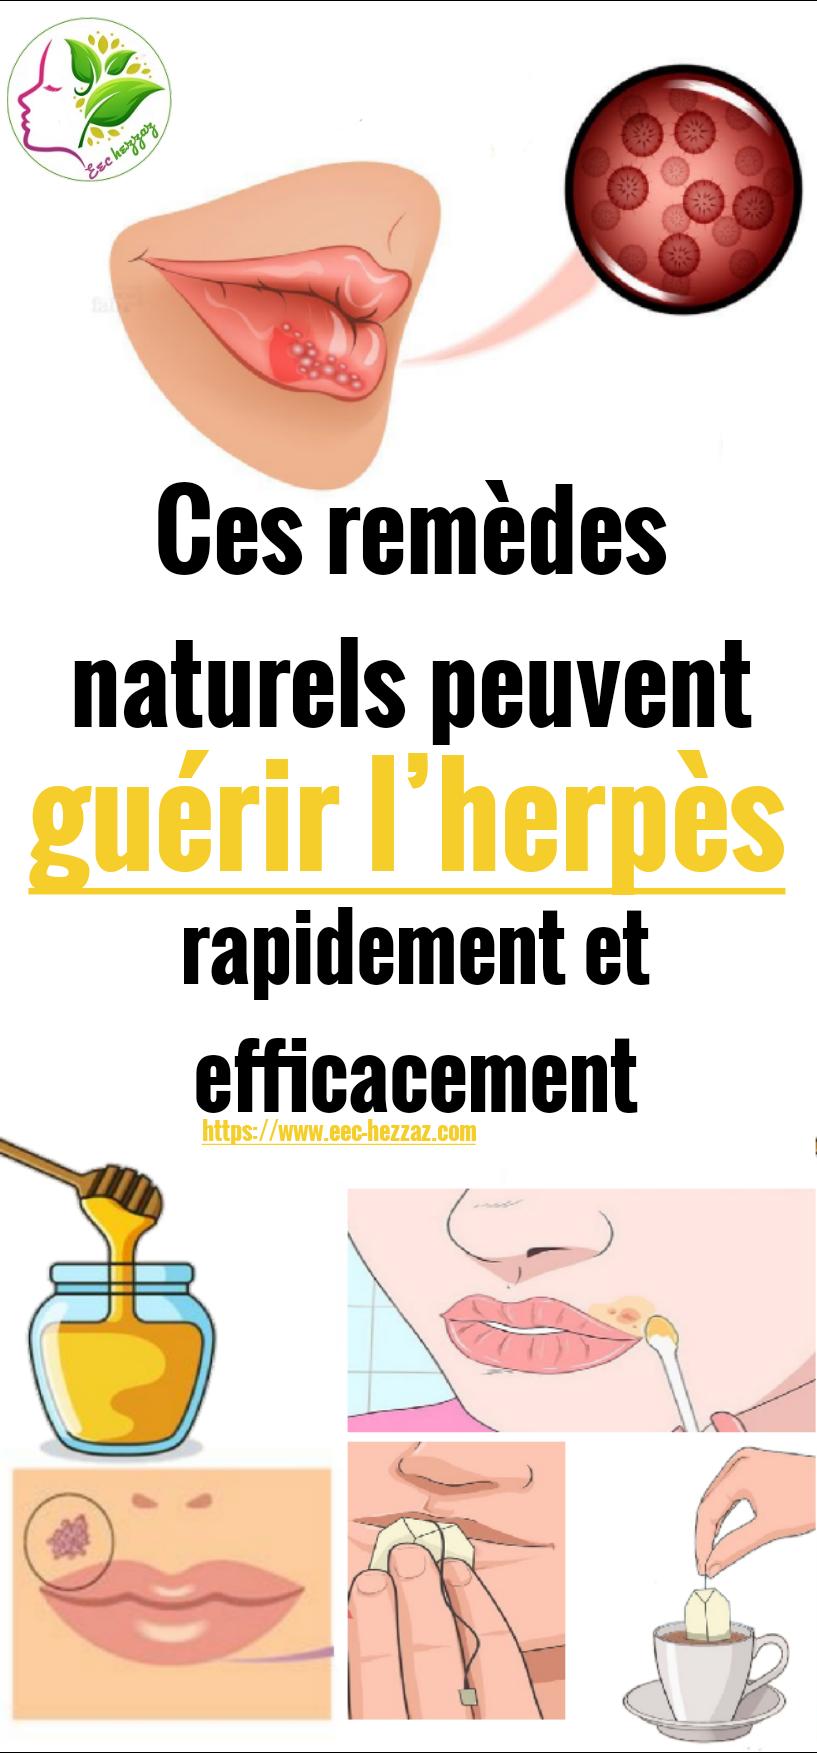 Ces remèdes naturels peuvent guérir l'herpès rapidement et efficacement